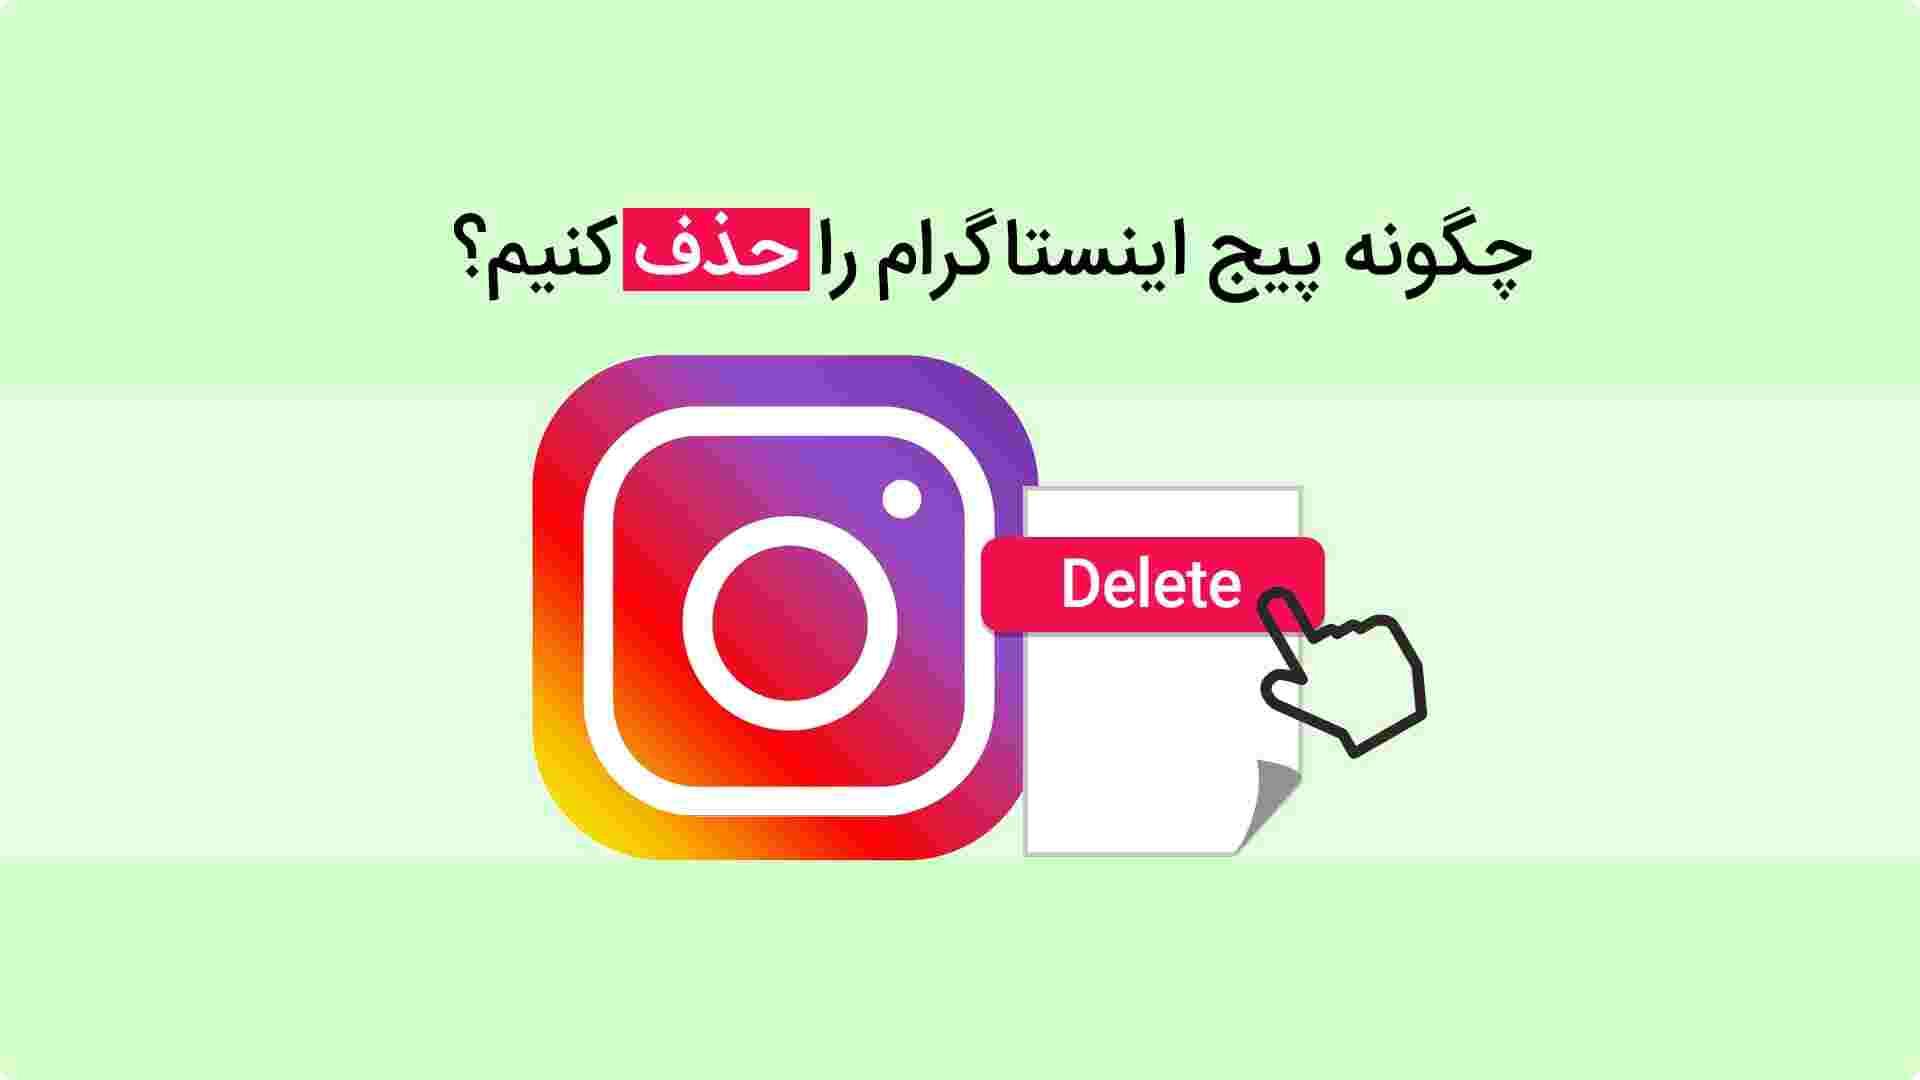 دی اکتیو اینستاگرام – چگونه پیج اینستاگرام را حذف کنیم؟